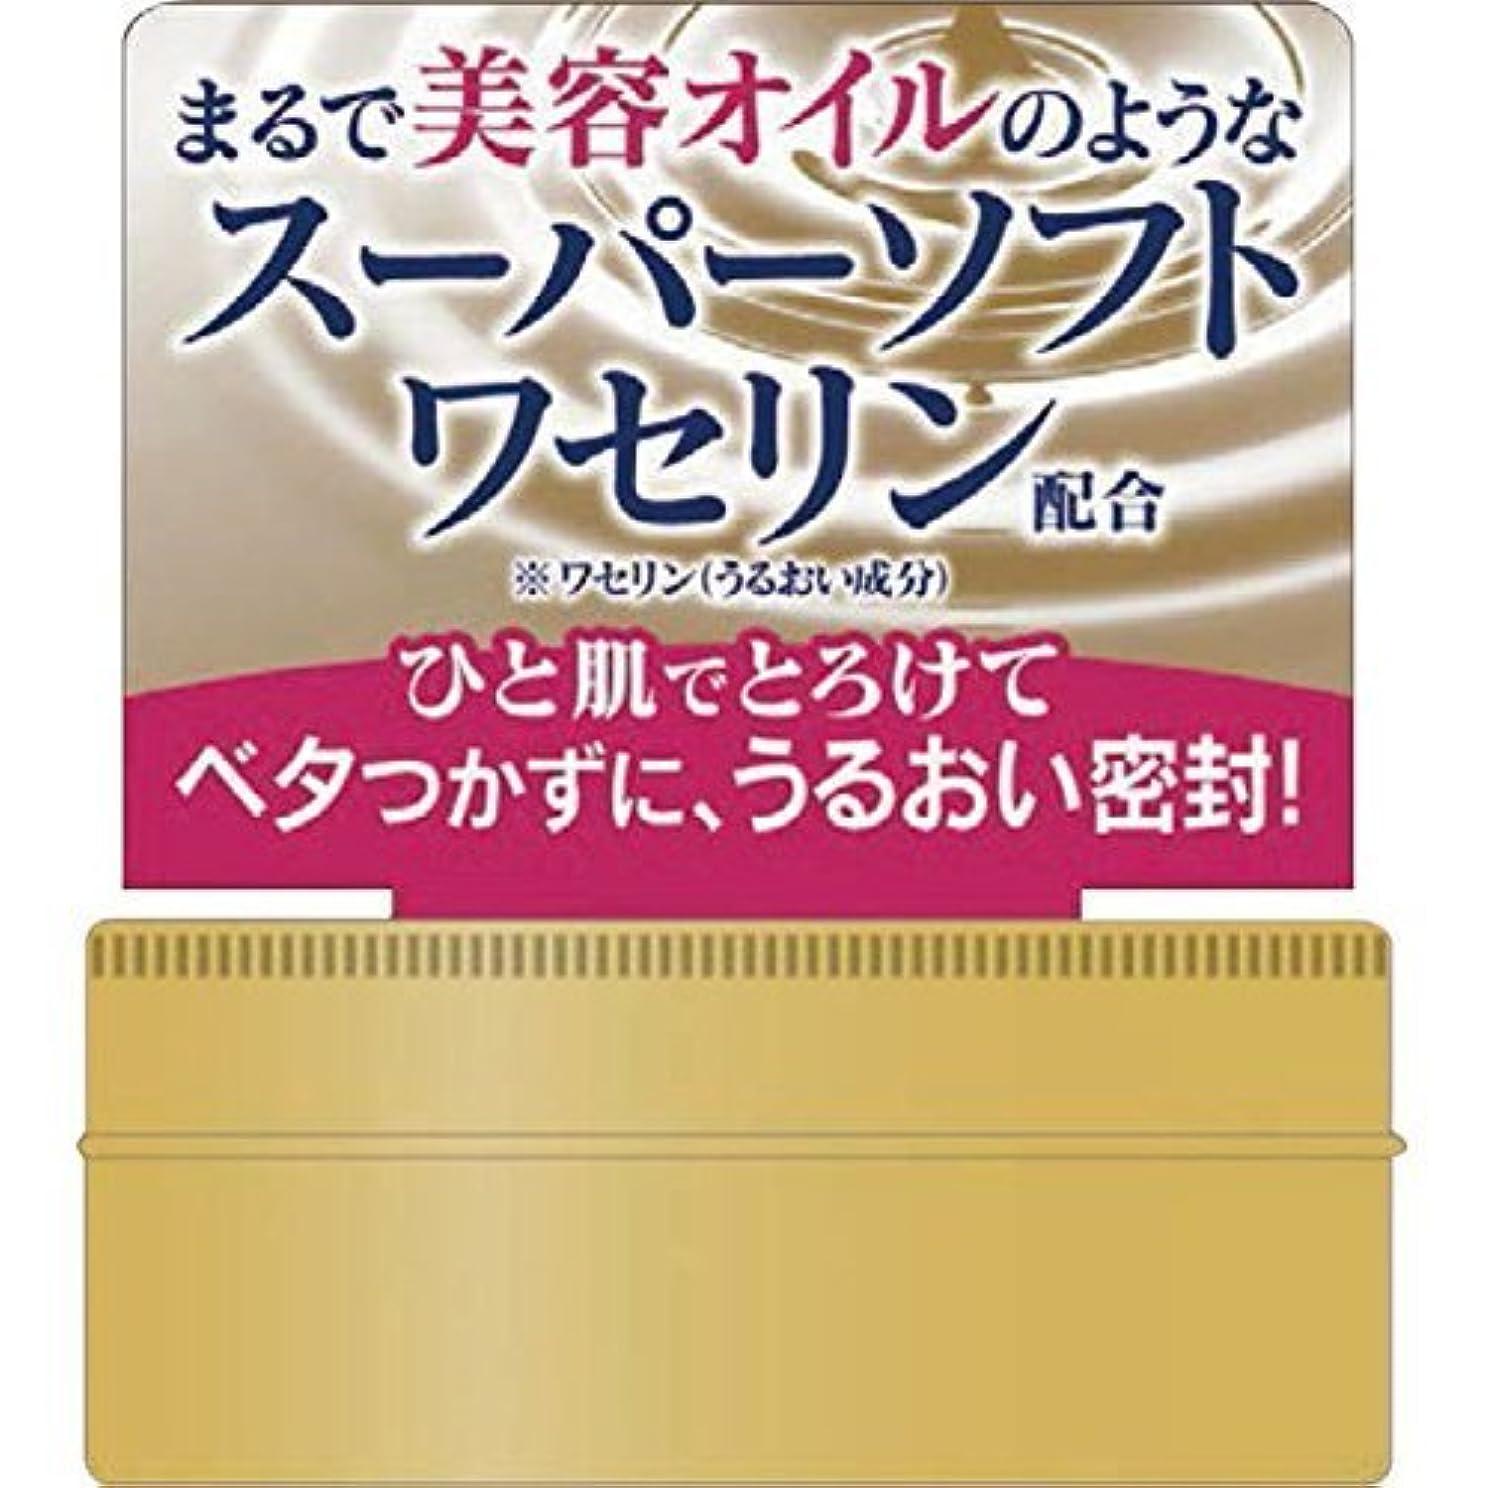 スカイ成長する燃やす肌研(ハダラボ) 極潤プレミアム ヒアルロンオイルジェリー × 24個セット